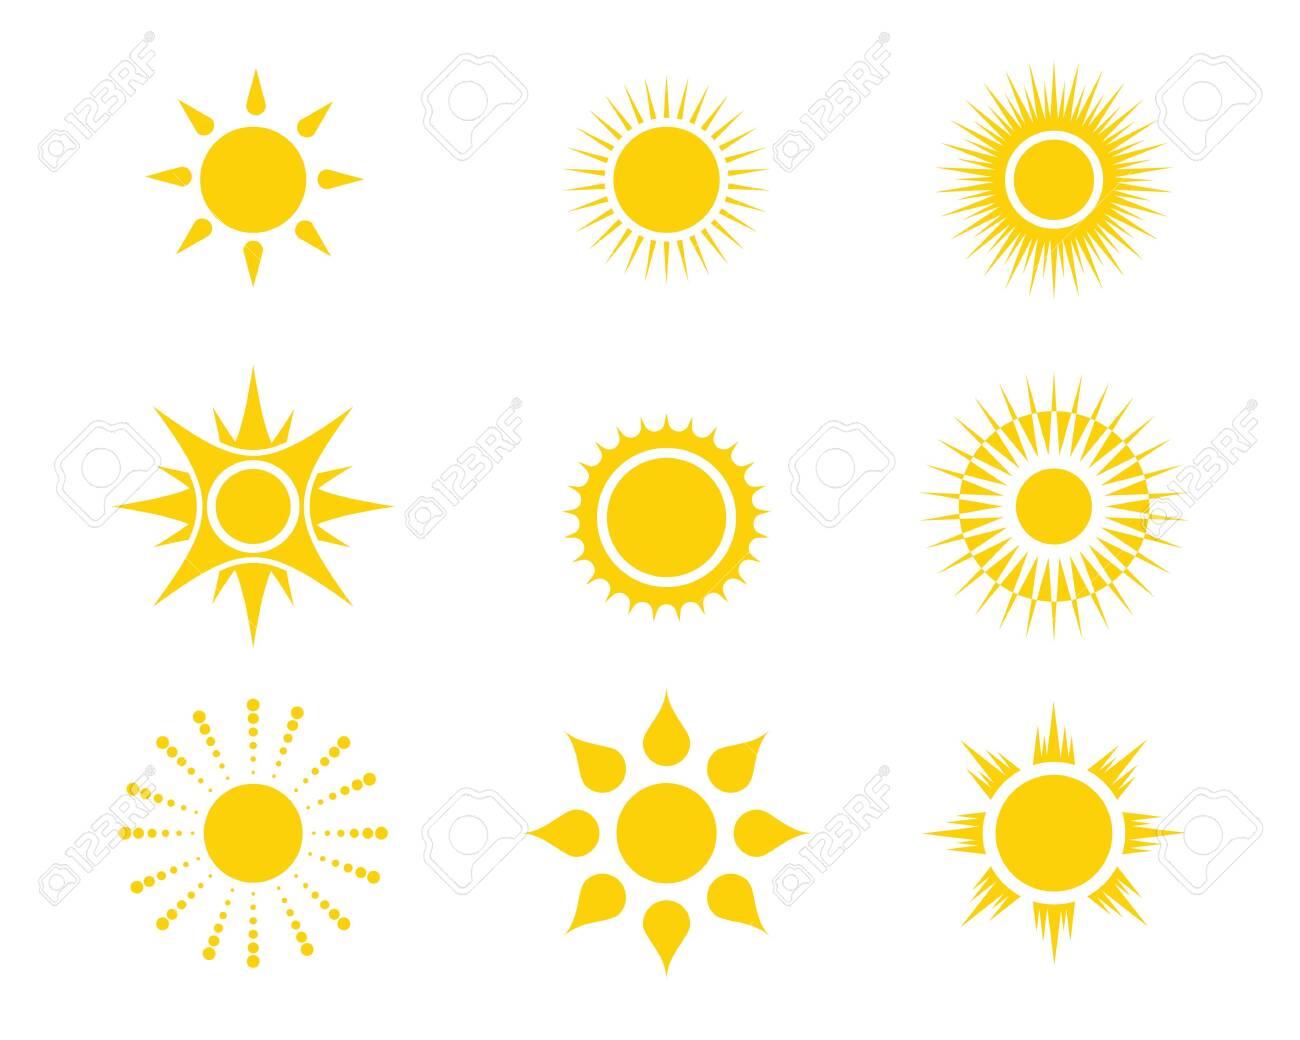 Sun Vector illustration Icon Template design - 126546504